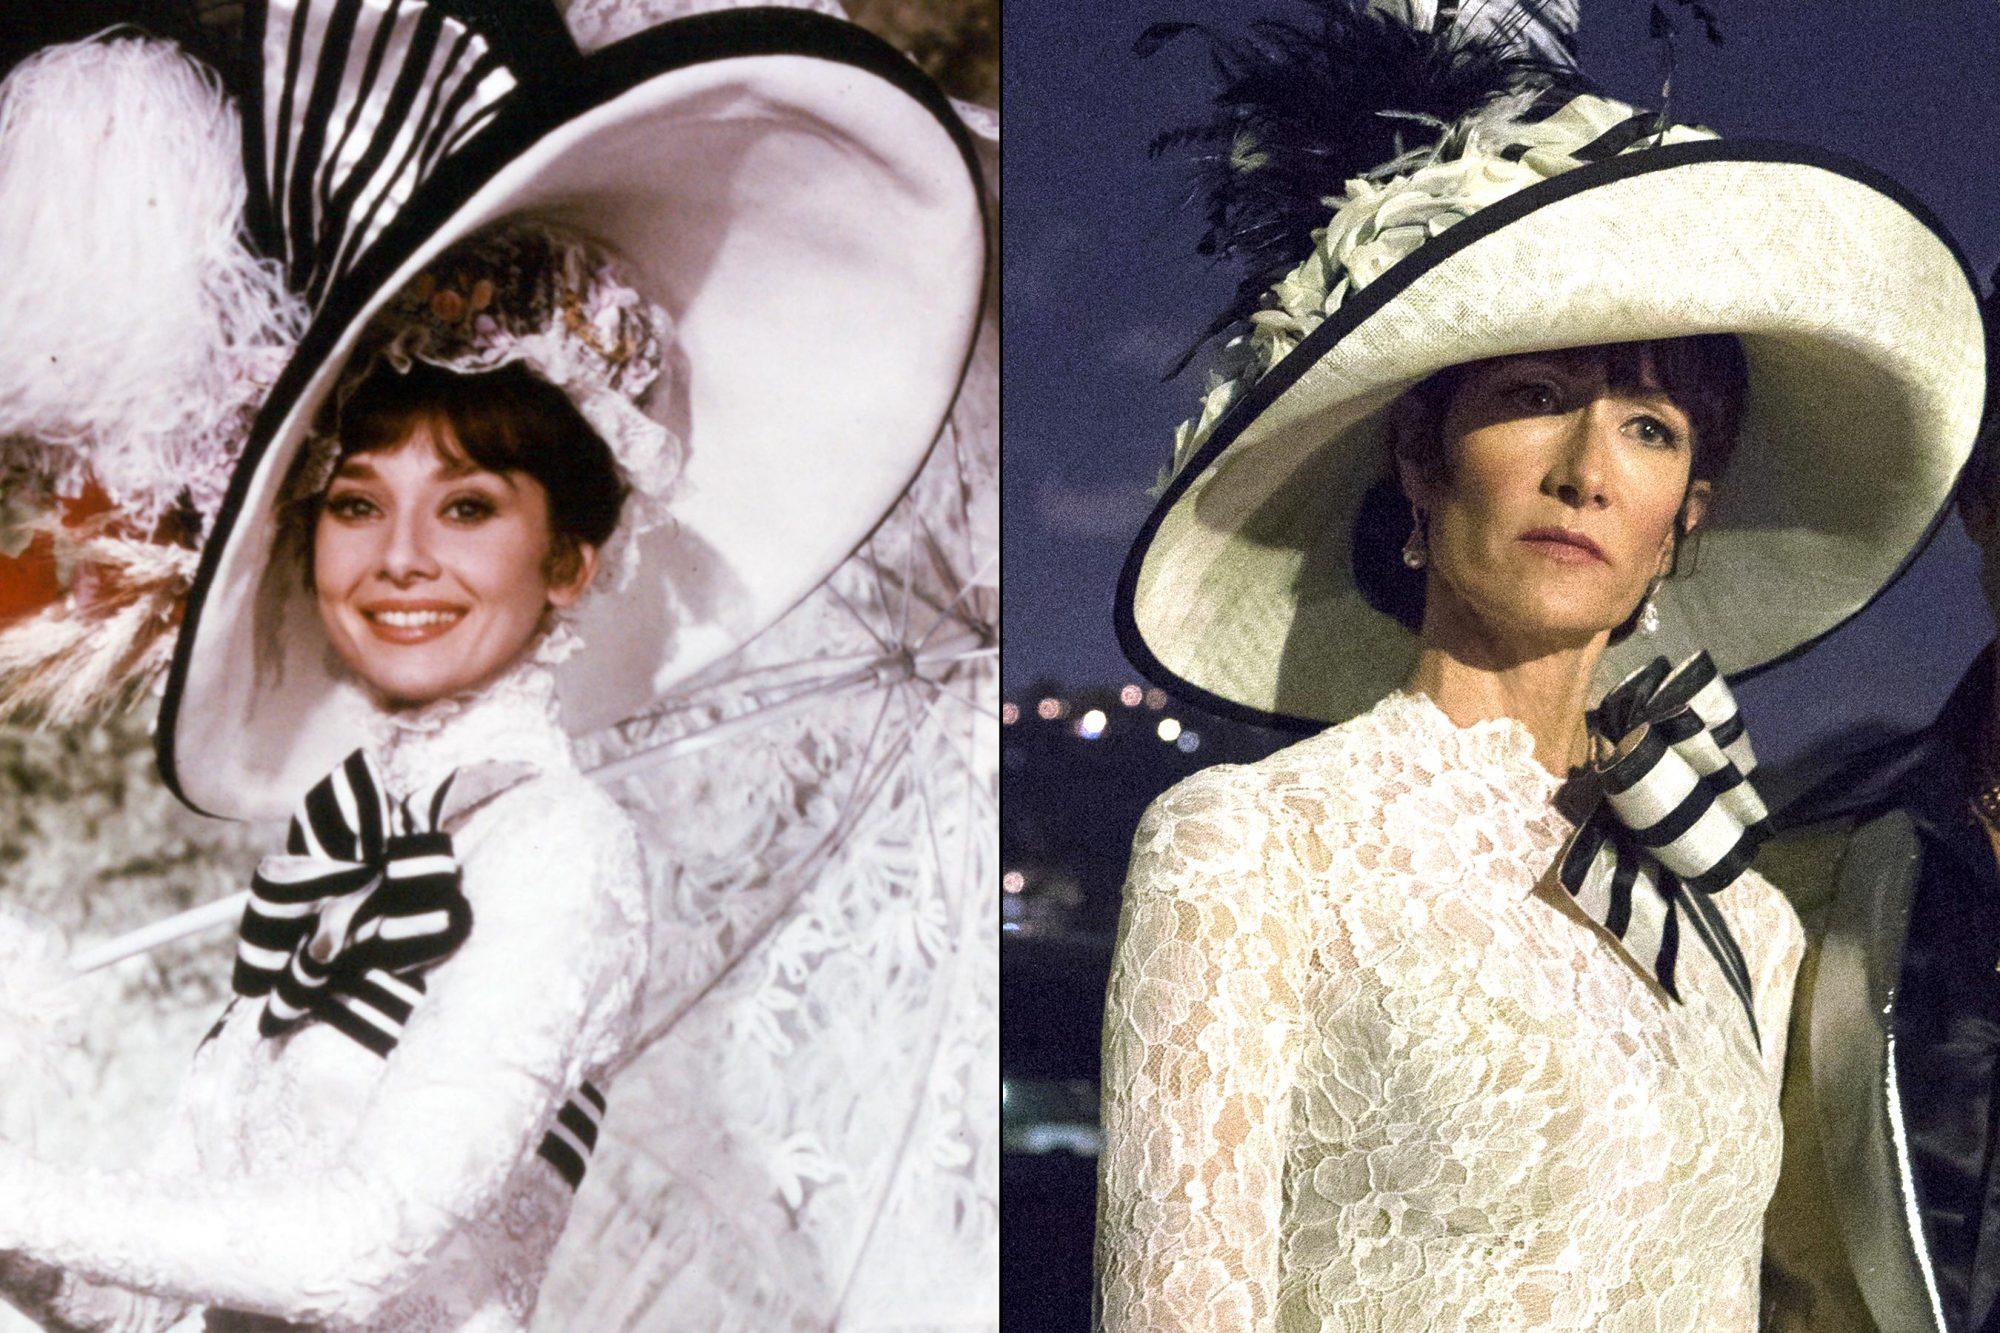 Laura-Dern-in-My-Fair-Lady-ascot-dress